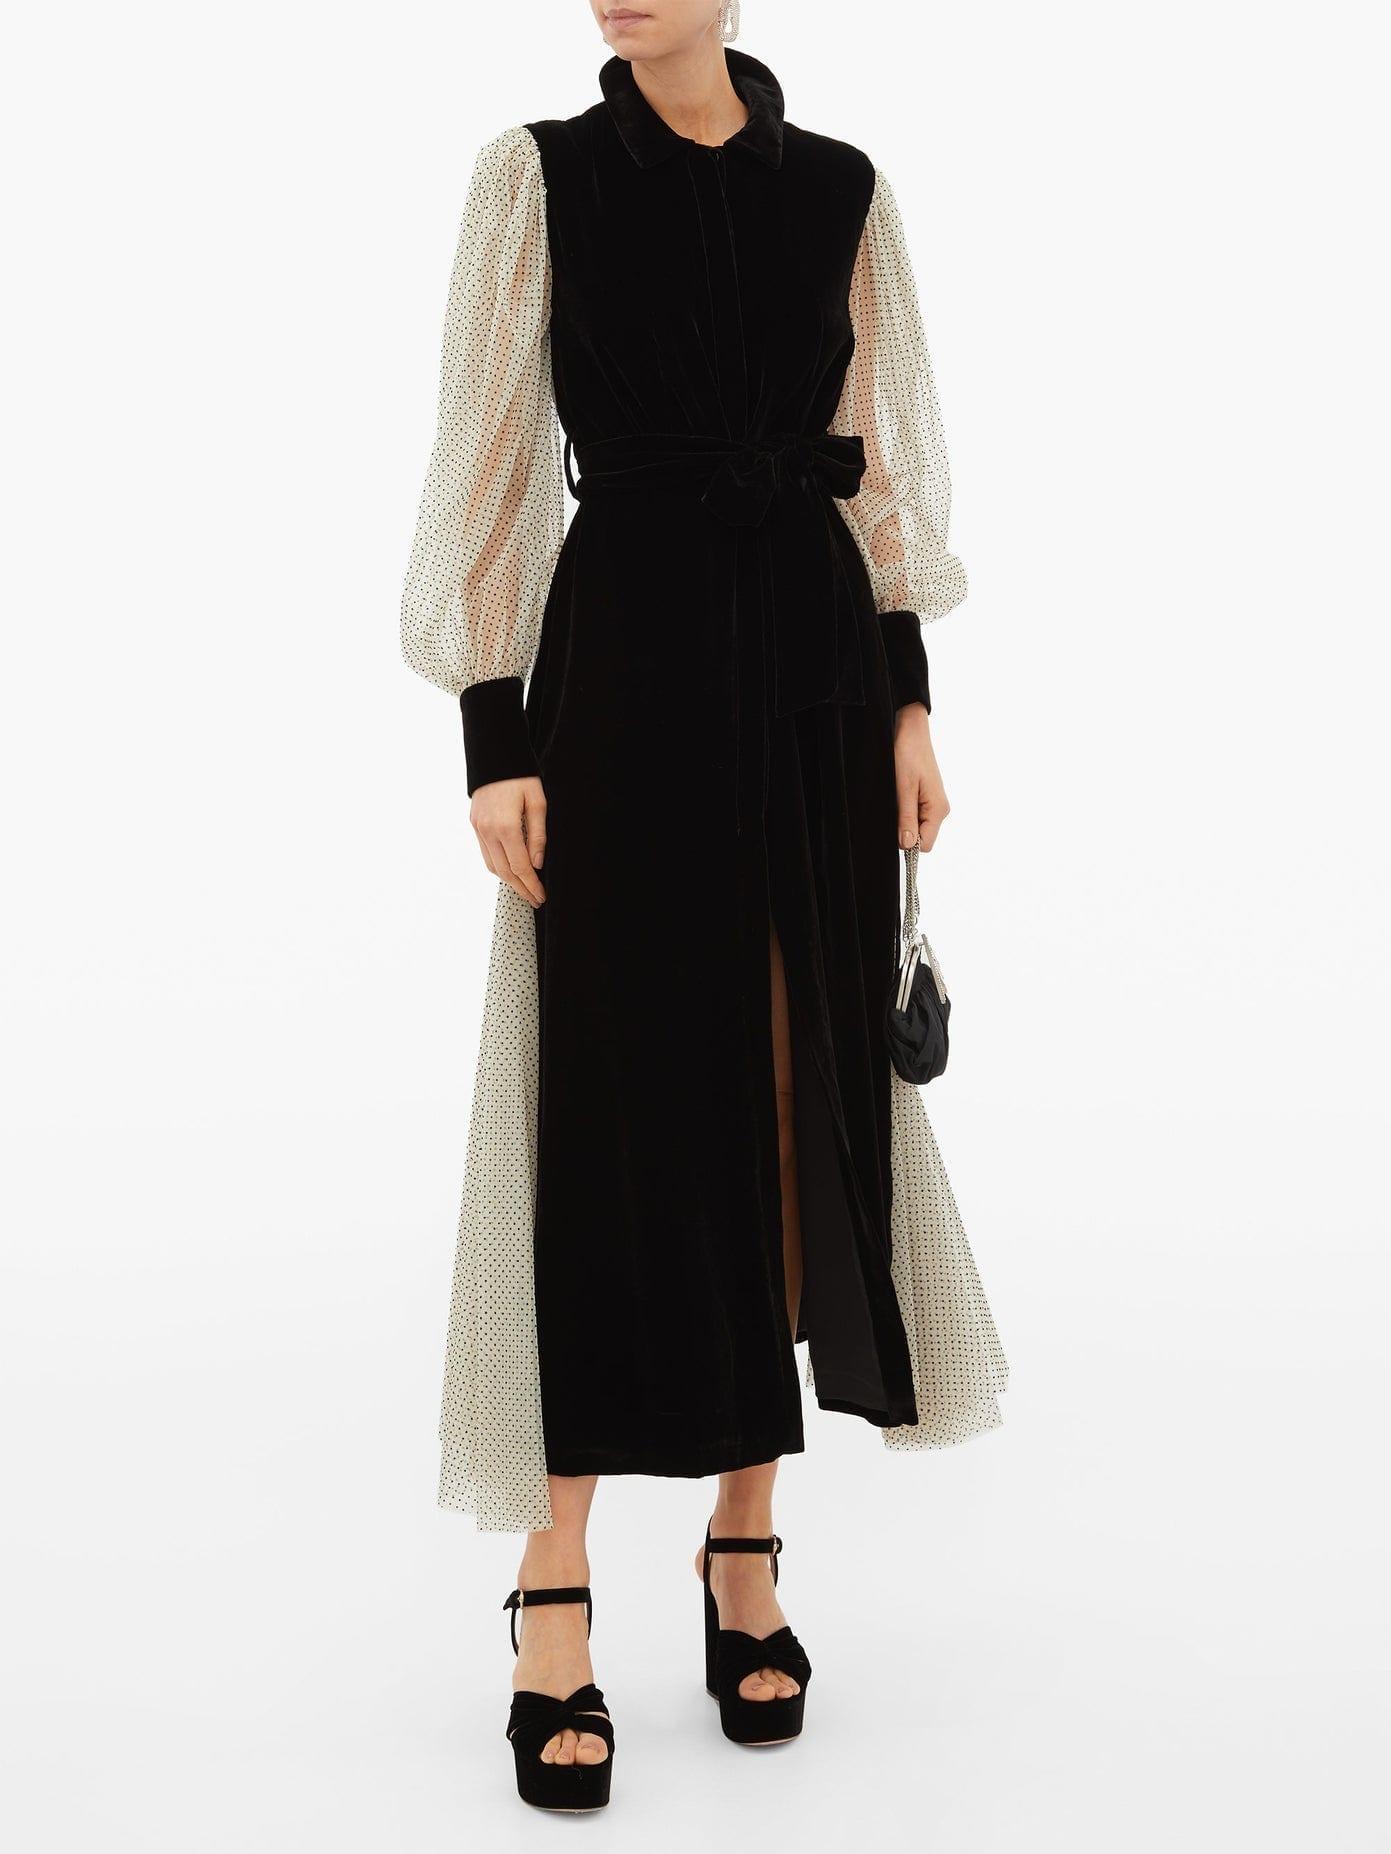 LORETTA CAPONI Holly Polka-Dot Tulle-Sleeve Velvet Dress